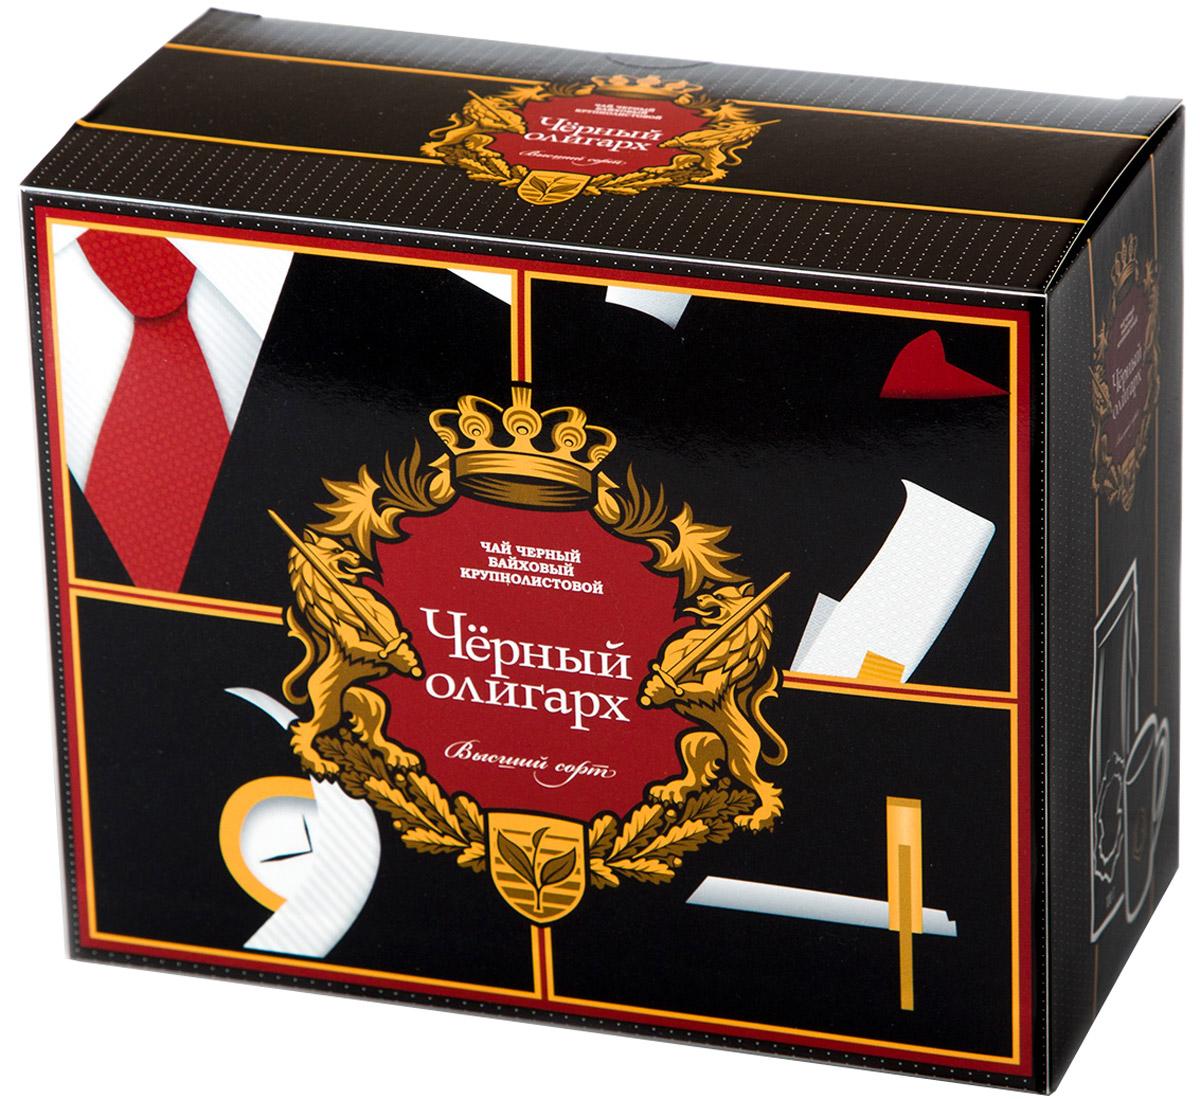 Черный Олигарх Набор подарочный чай черный крупнолистовой, 100 г + кружка 330 мл4612710550285Чай черный байховый крупно-листовой (стандарт ОРА) высшего качества. Место произрастания чайного листа - Юго-Восточная Азия. Обладает терпким насыщенным вкусом и красивым темно-красным цветом настоя. В комплекте кружка с логотипом.